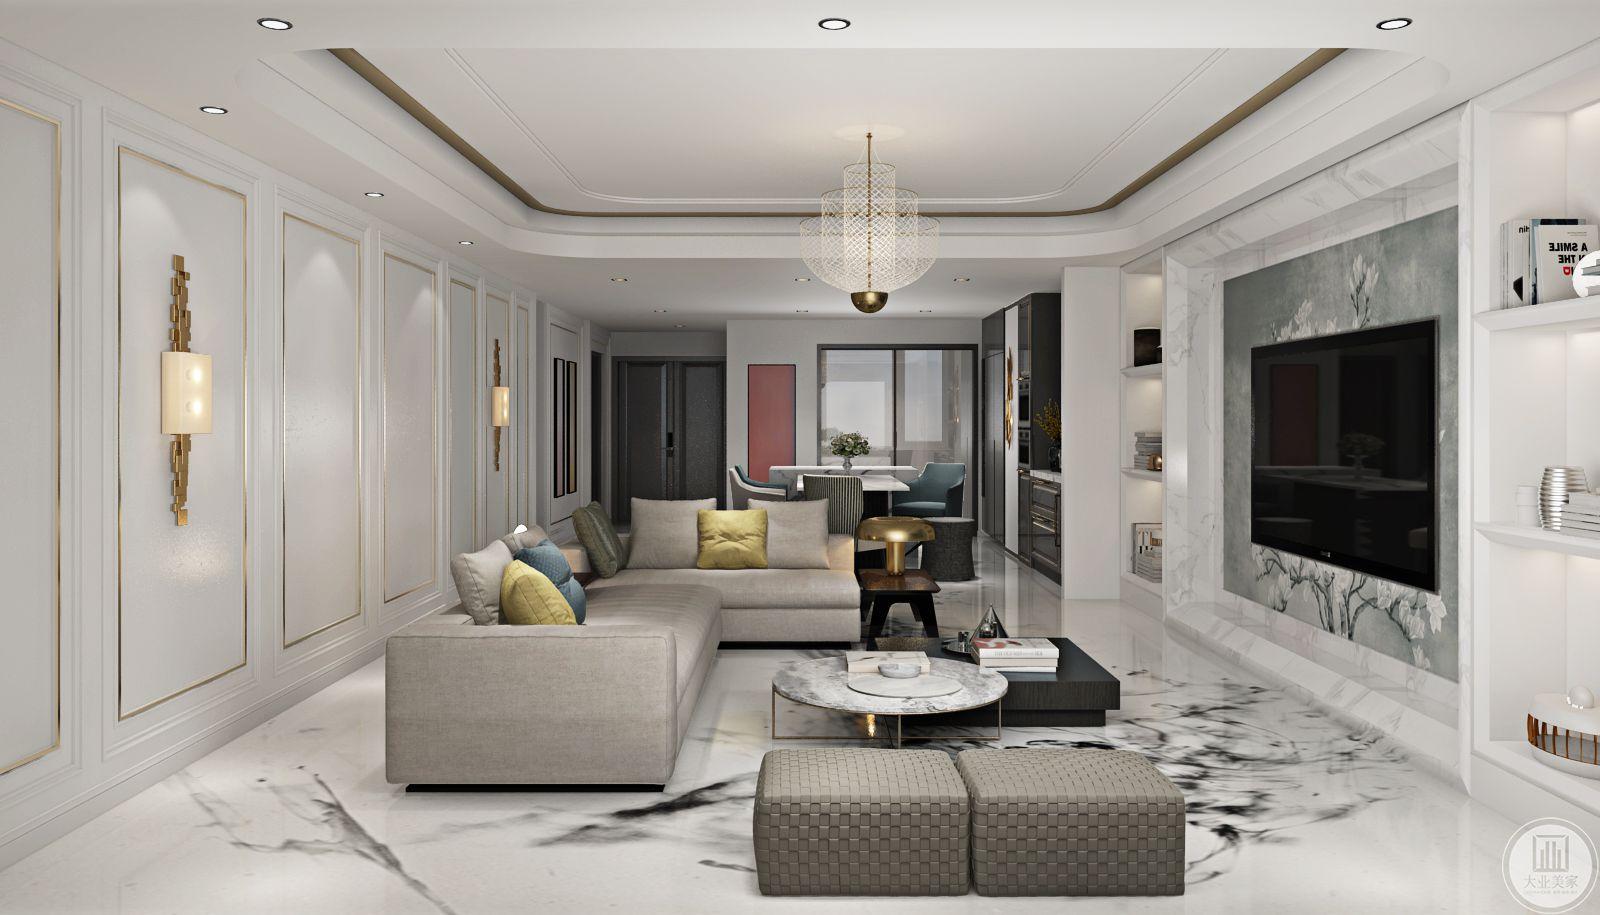 客厅的布置简单大方,吊灯是低调而奢华的,设计从视觉上拉伸了空间的高度,在色彩的搭配上也很有质感很简洁大方。